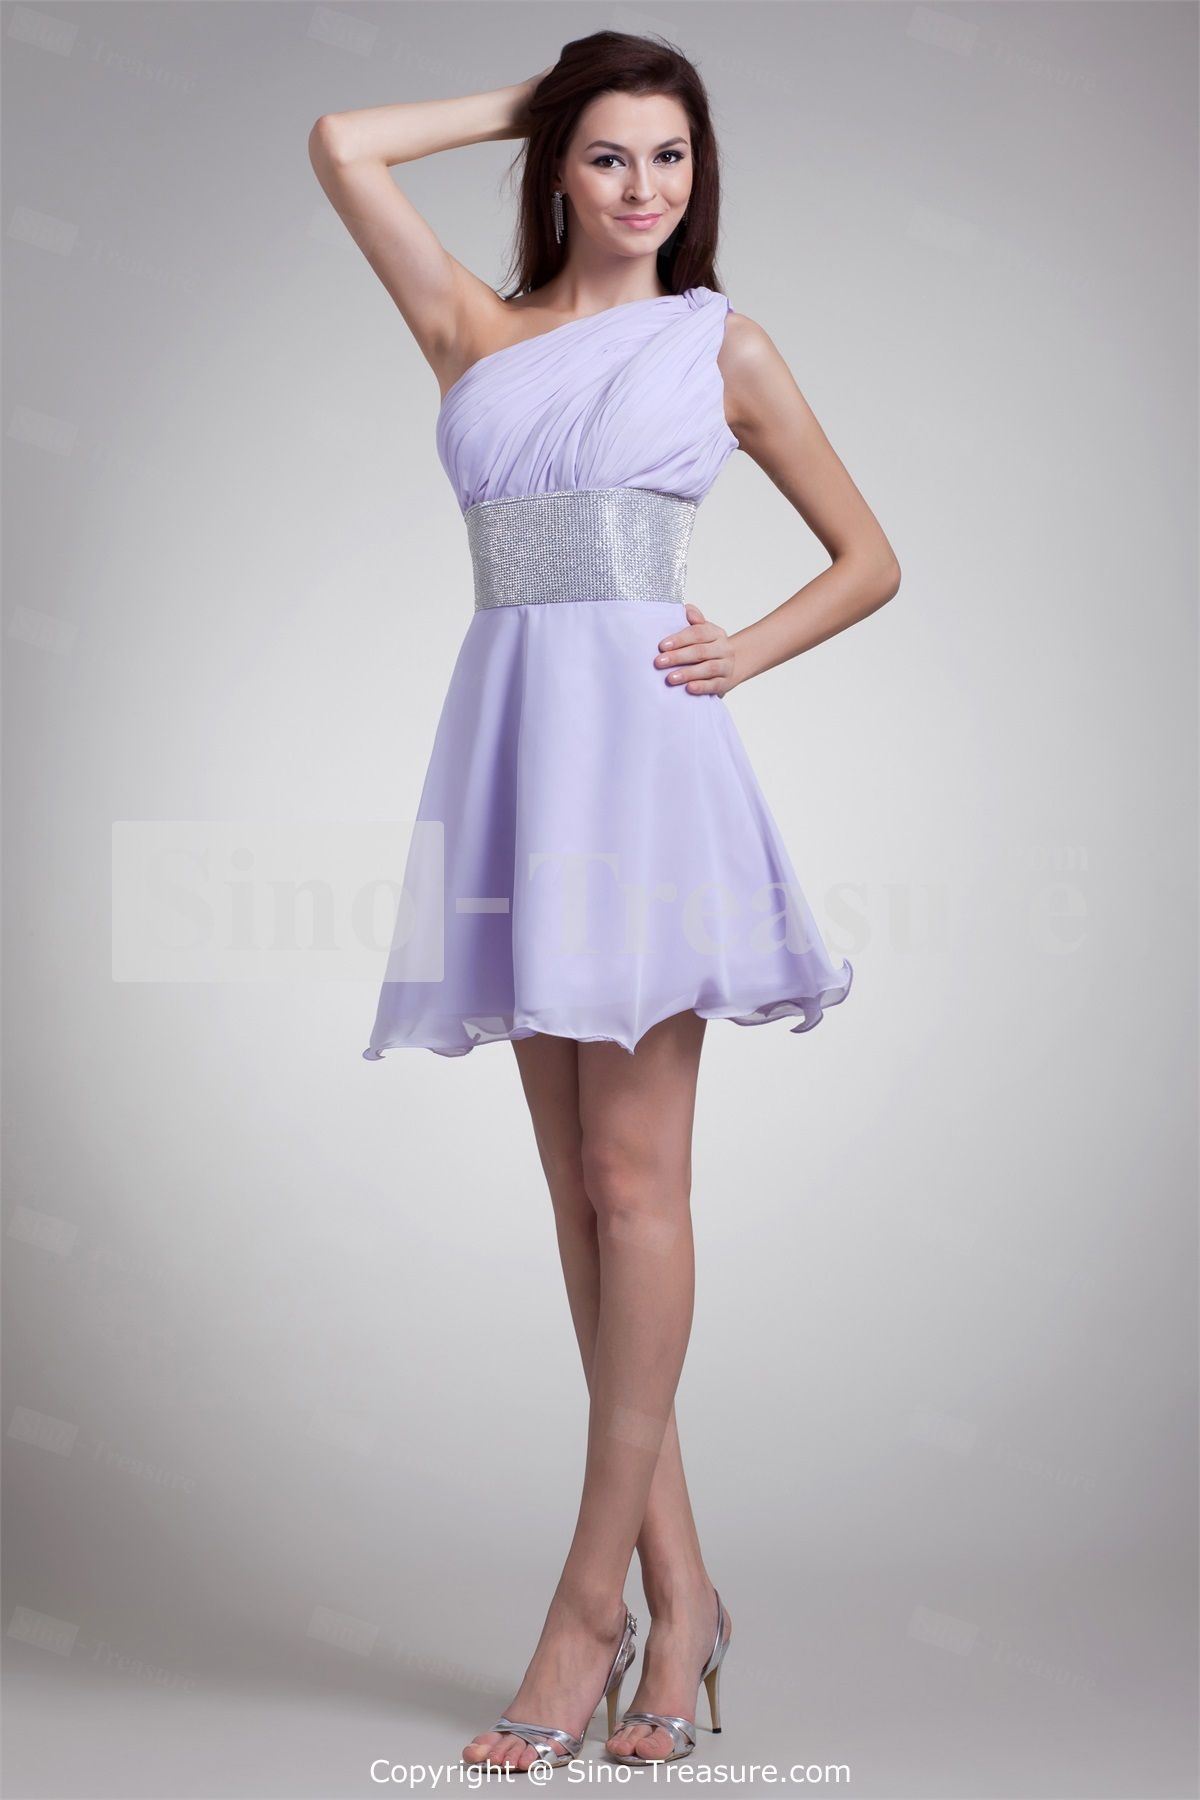 Lavender dress google search want it d pinterest